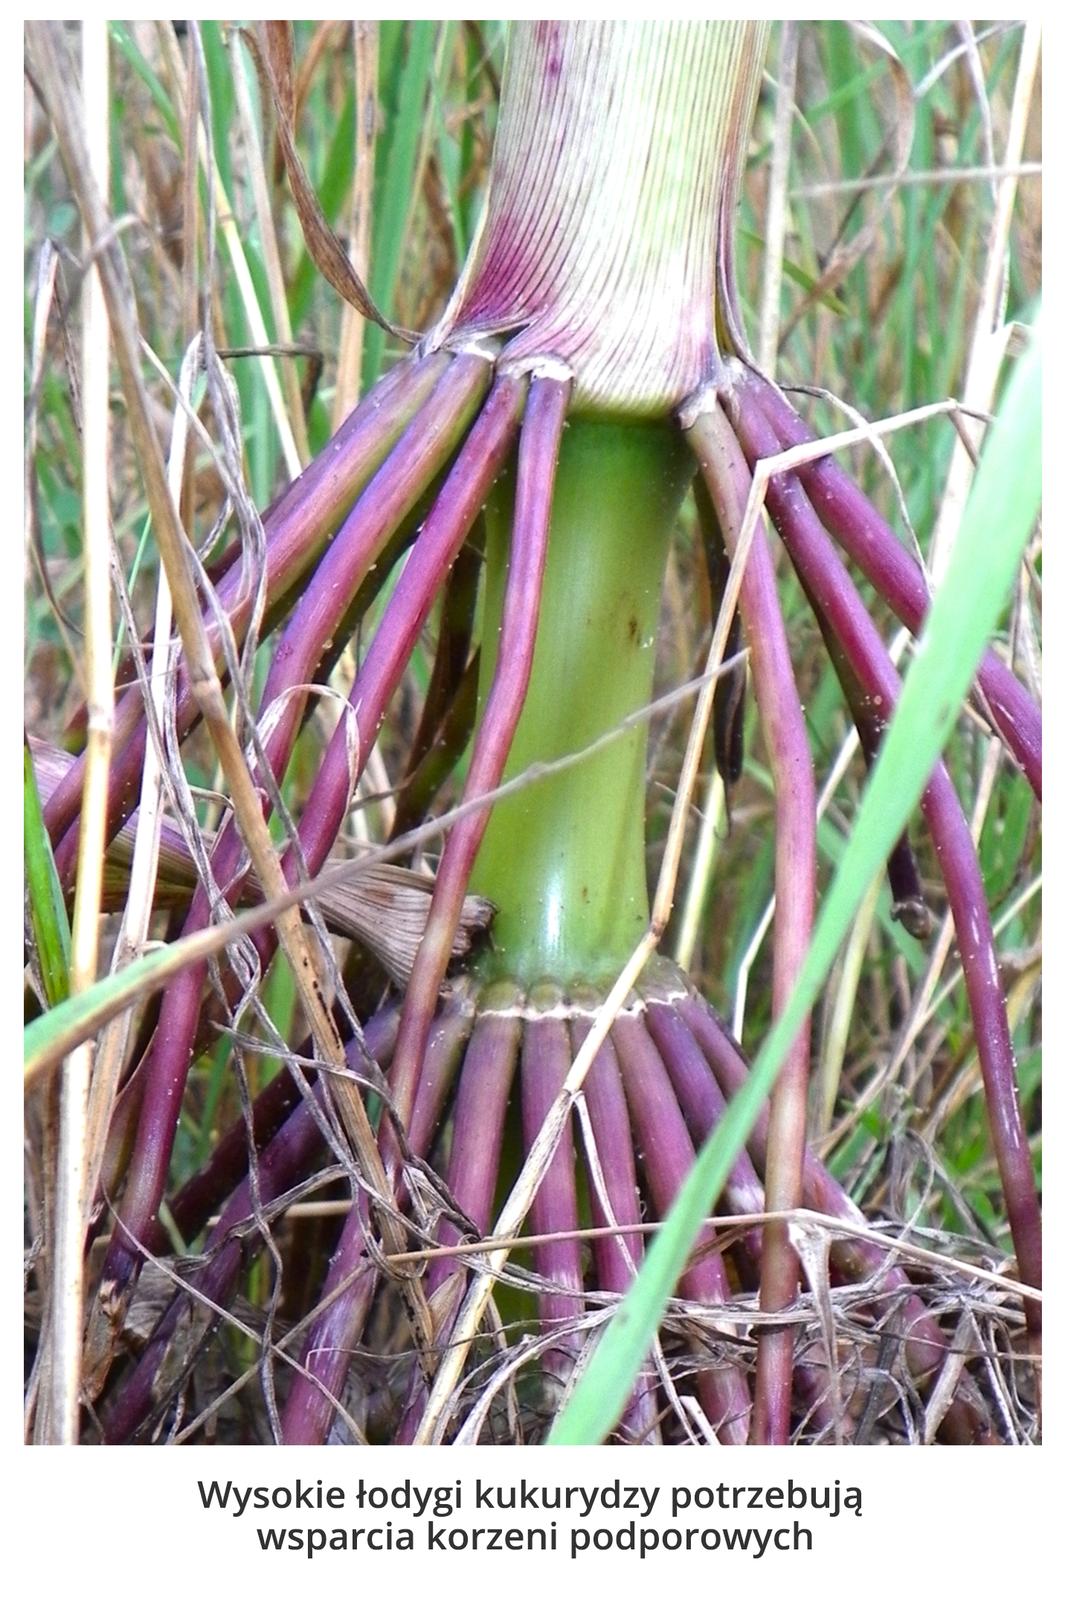 Fotografia przedstawia zbliżenie łodygi kukurydzy, zktórej zwisają fioletowe korzenie. Służą one wysokiej roślinie jako podpora.